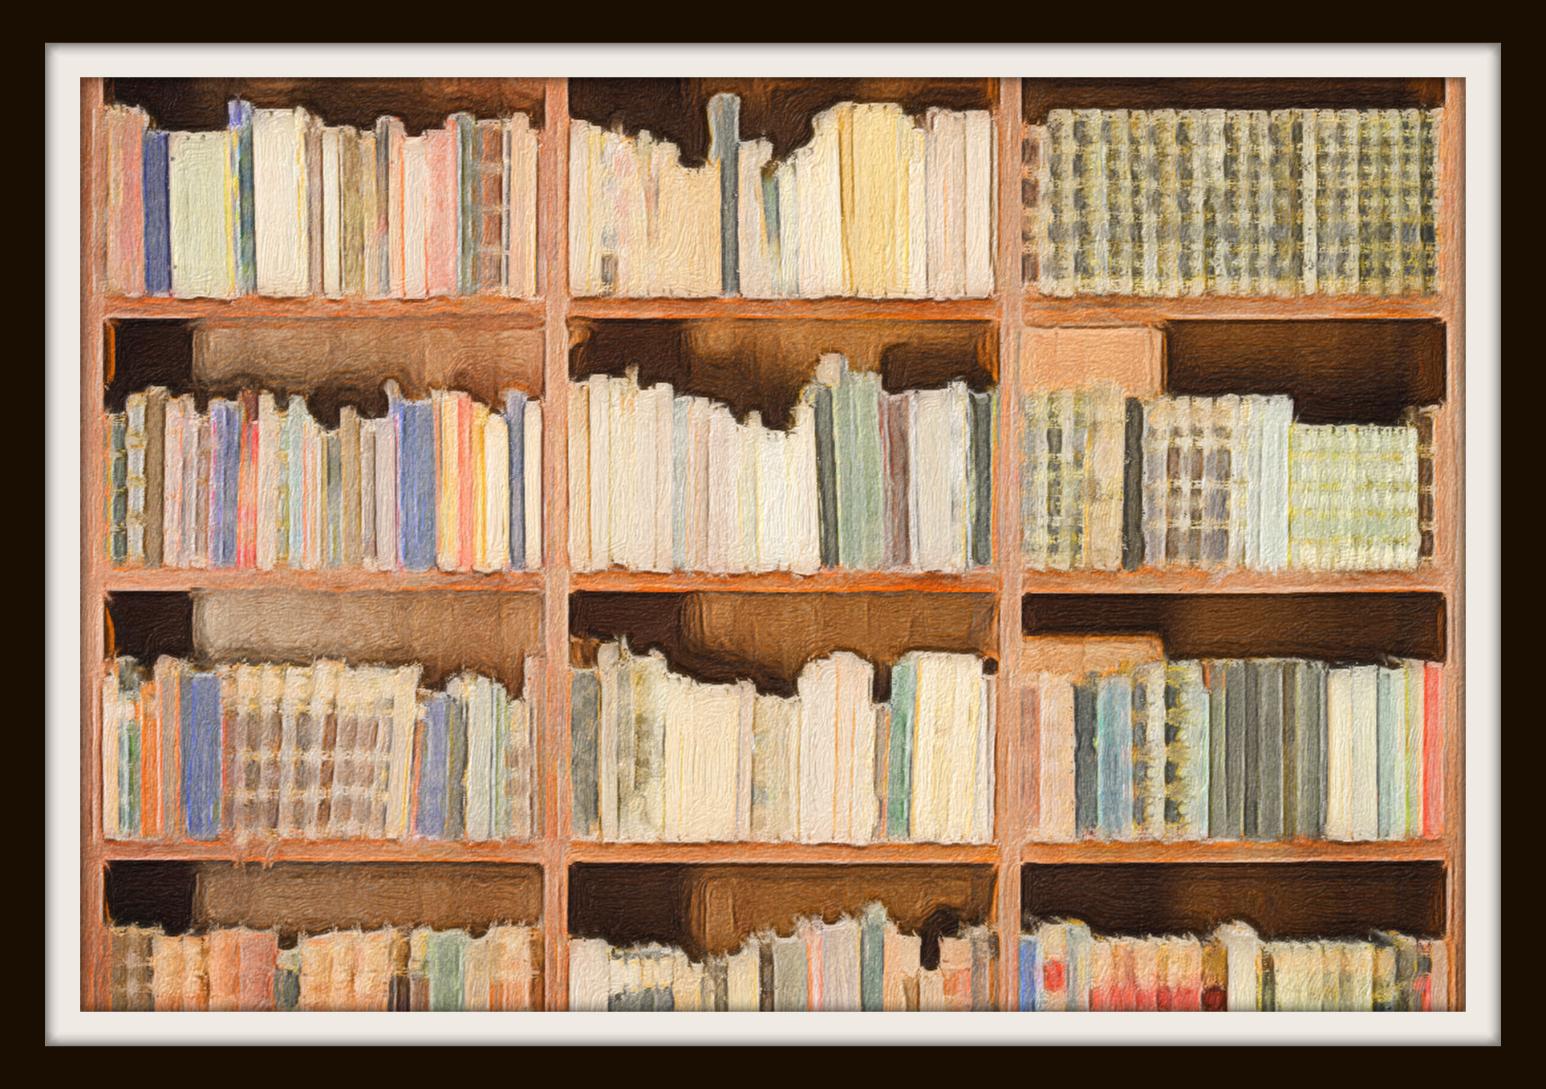 framed painting of bookshelf